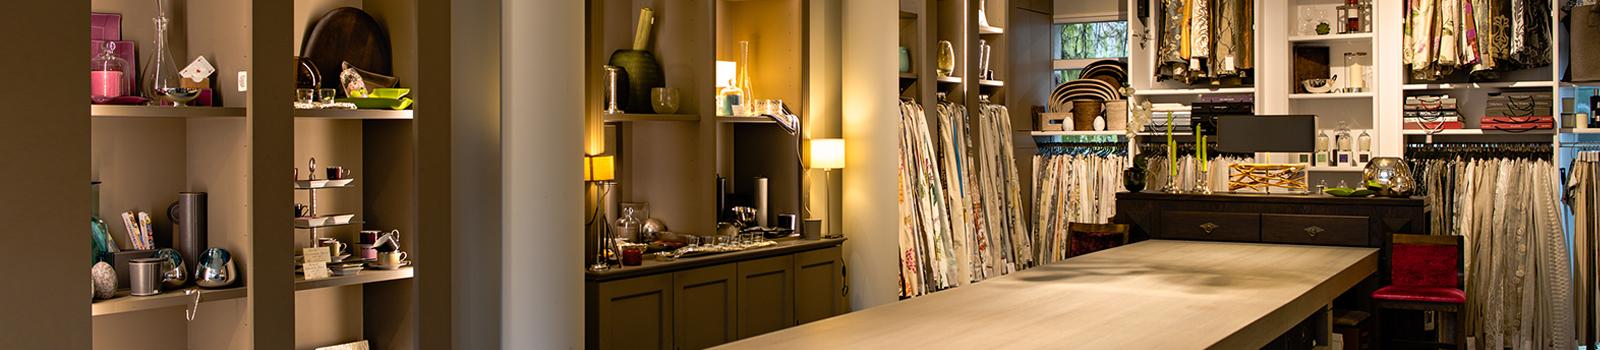 wehner decoration kontakt. Black Bedroom Furniture Sets. Home Design Ideas